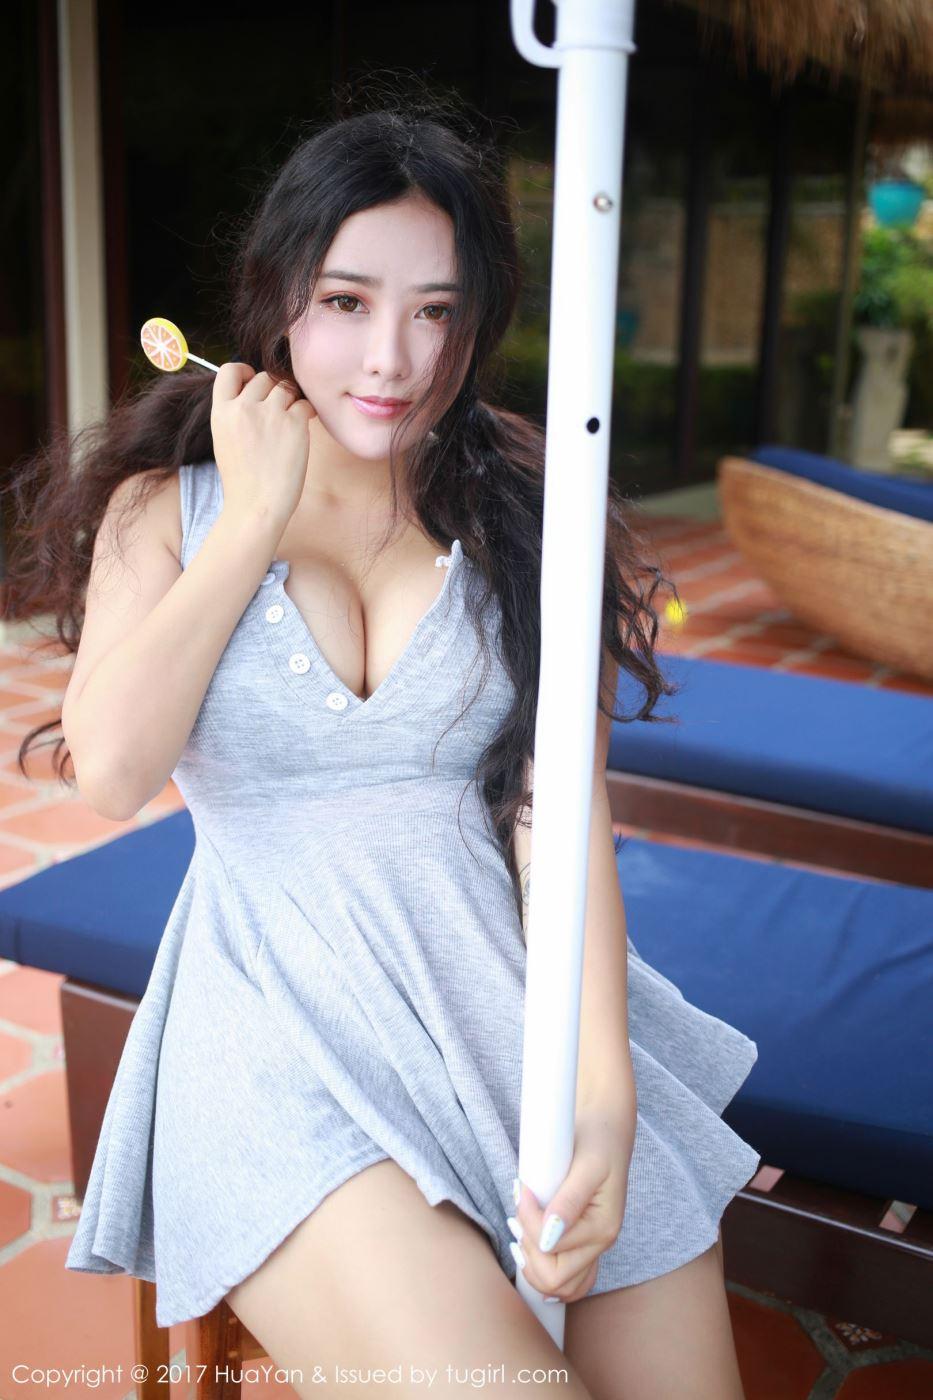 花の颜童颜巨乳嫩模玛鲁娜甜美可爱超短裙抚媚写真